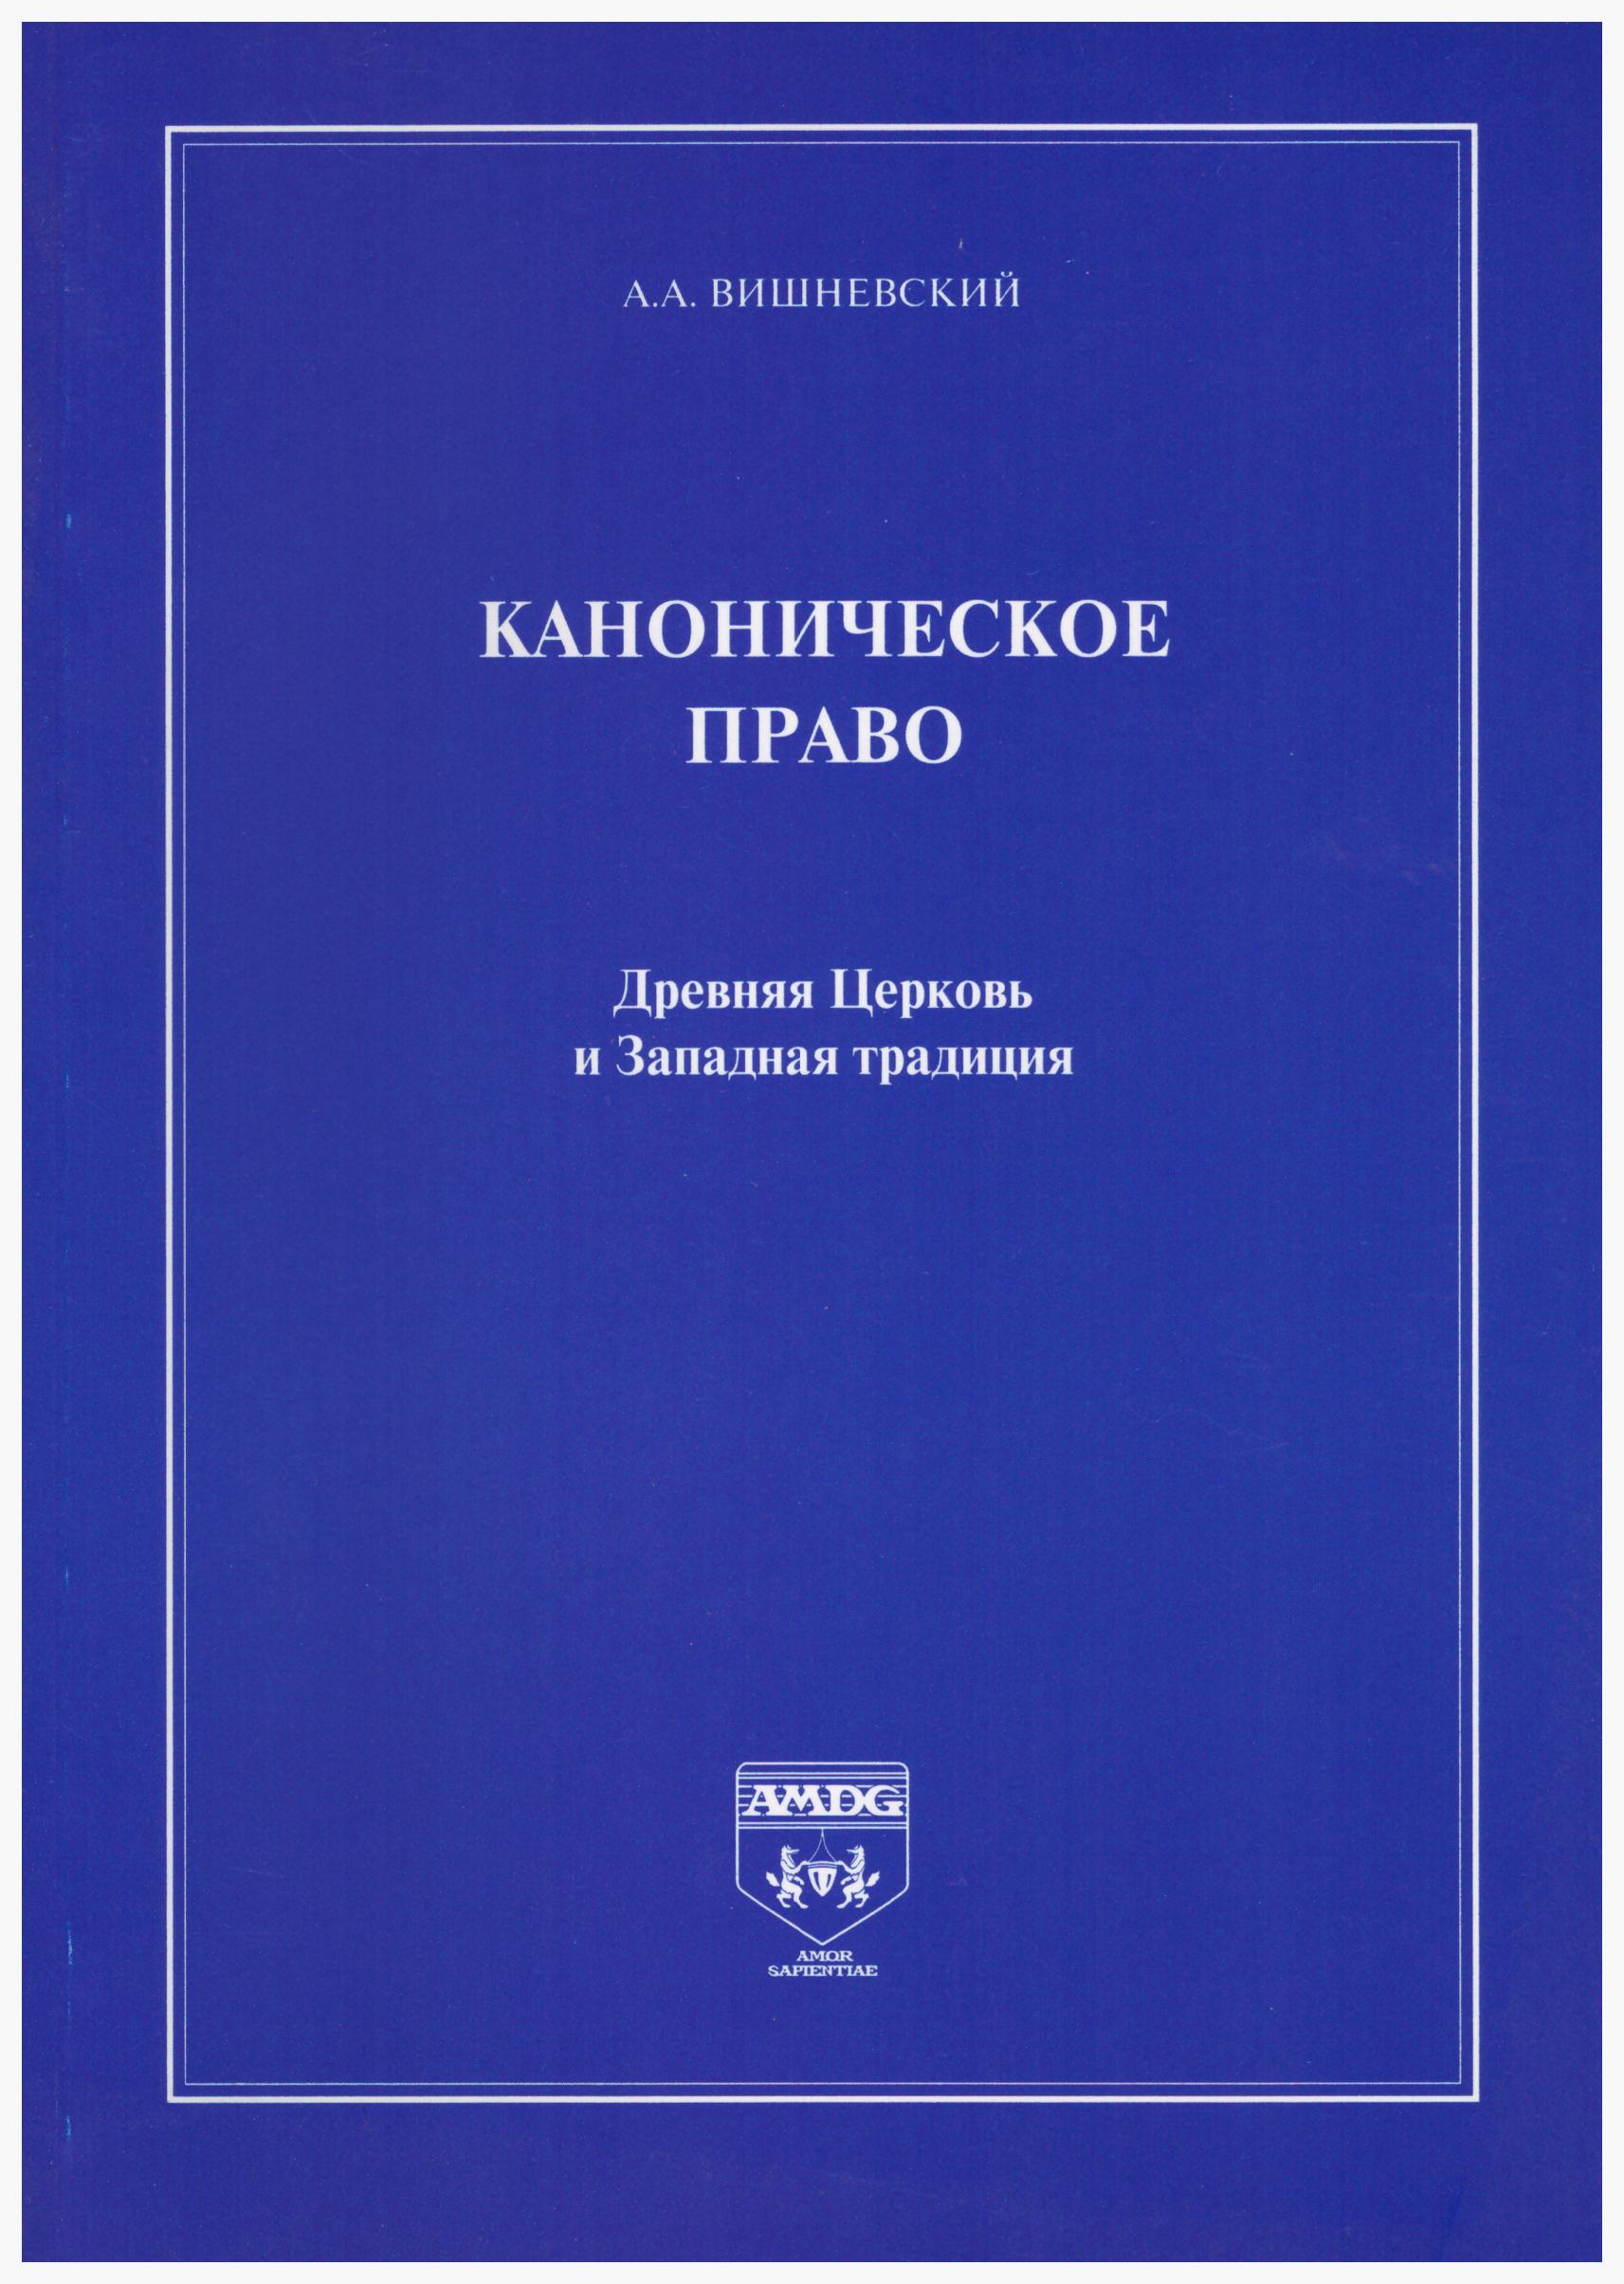 цена на А. А. Вишневский Каноническое право. Древняя Церковь и Западная традиция